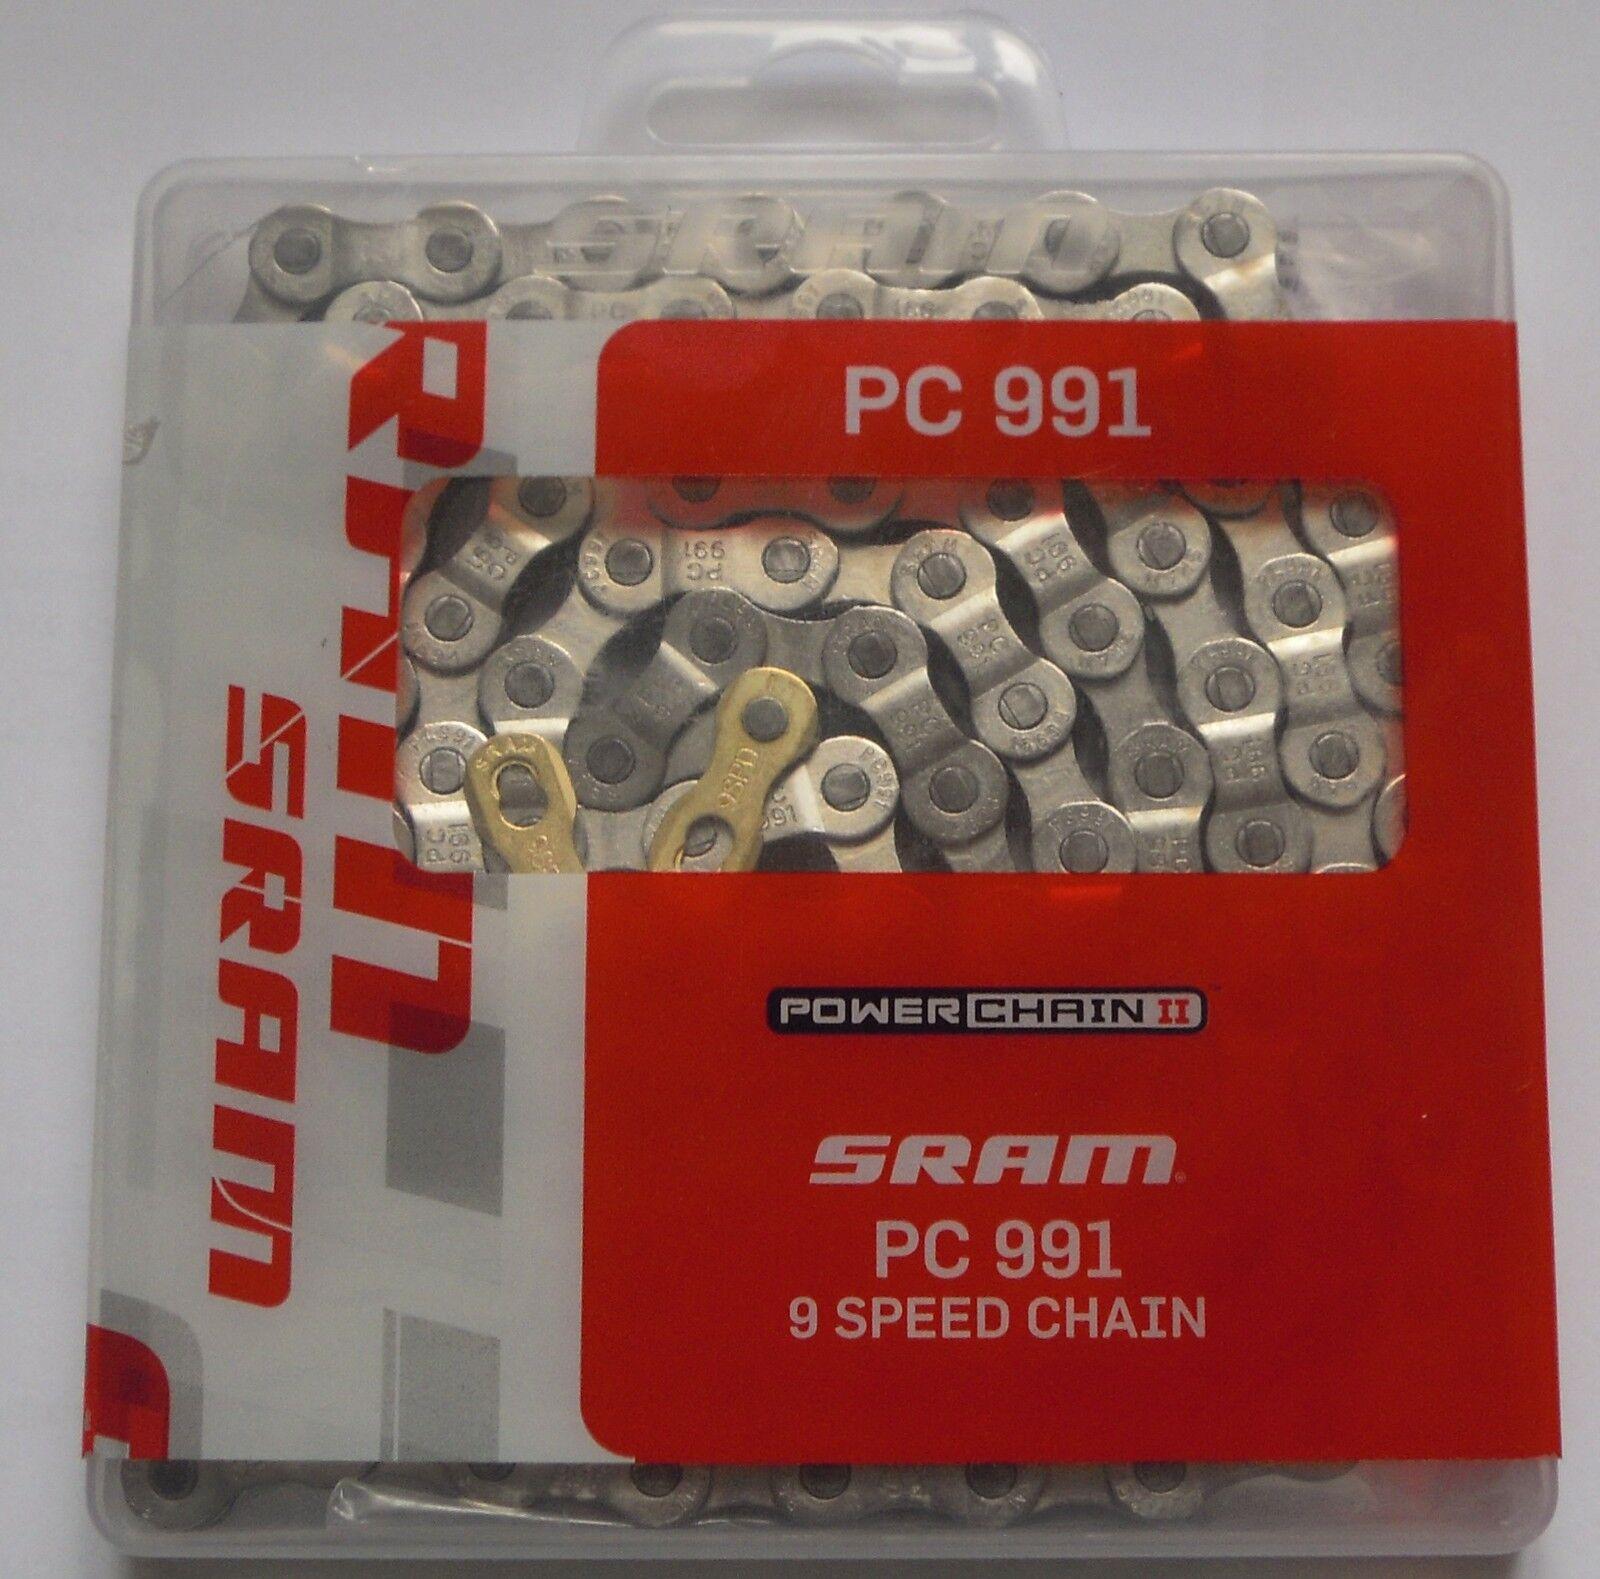 SRAM - Catena SRAM PowerChain PowerChain PowerChain II PC-991 PC 991 114 link 9v s+gold connector-NEW  Vuelta de 10 dias